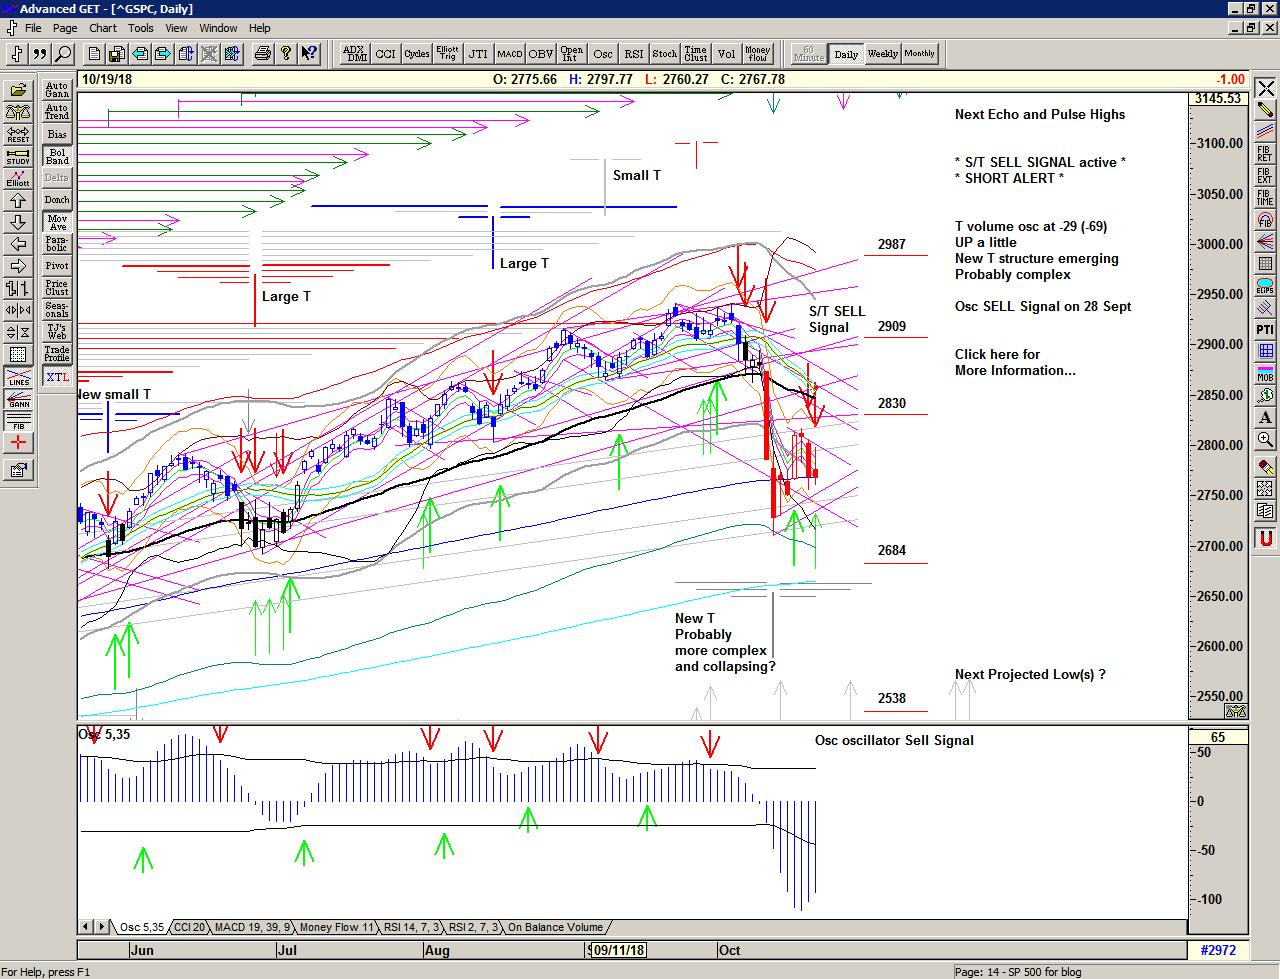 Chart of S&P 500 for 22 September 2018